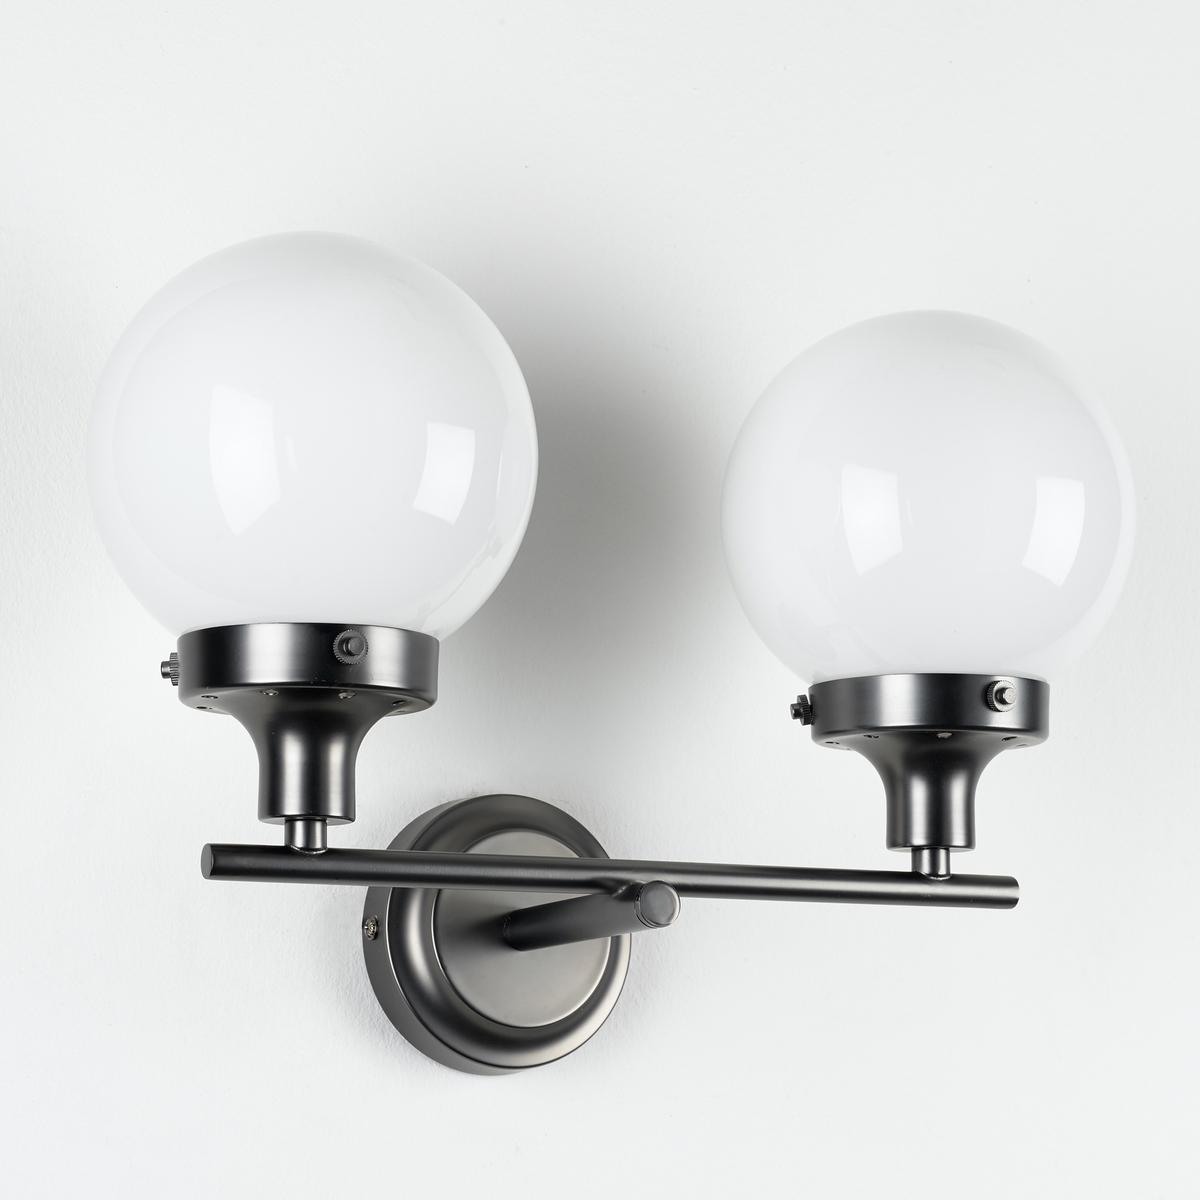 Бра с 2 светильниками, CocineroБра с 2 светильниками Cocinero. Матовый колпак из опалового стекла обеспечивает мягкий и теплый свет, форма в духе традиционных светильников бистро придаст аутентичности вашей кухне.Характеристики :- Из металла с покрытием бронзой с эффектом старения- Колпаки из опалового стекла- Совместим с лампами класса энергопотребления A. - Патрон E14 для компактной флуоресцентной лампы 8 Вт (продается отдельно). Размеры :- Ш.38,8 x В.18,8 x Г.26,6 см- ? колпака : 15 см.<br><br>Цвет: опаловый белый